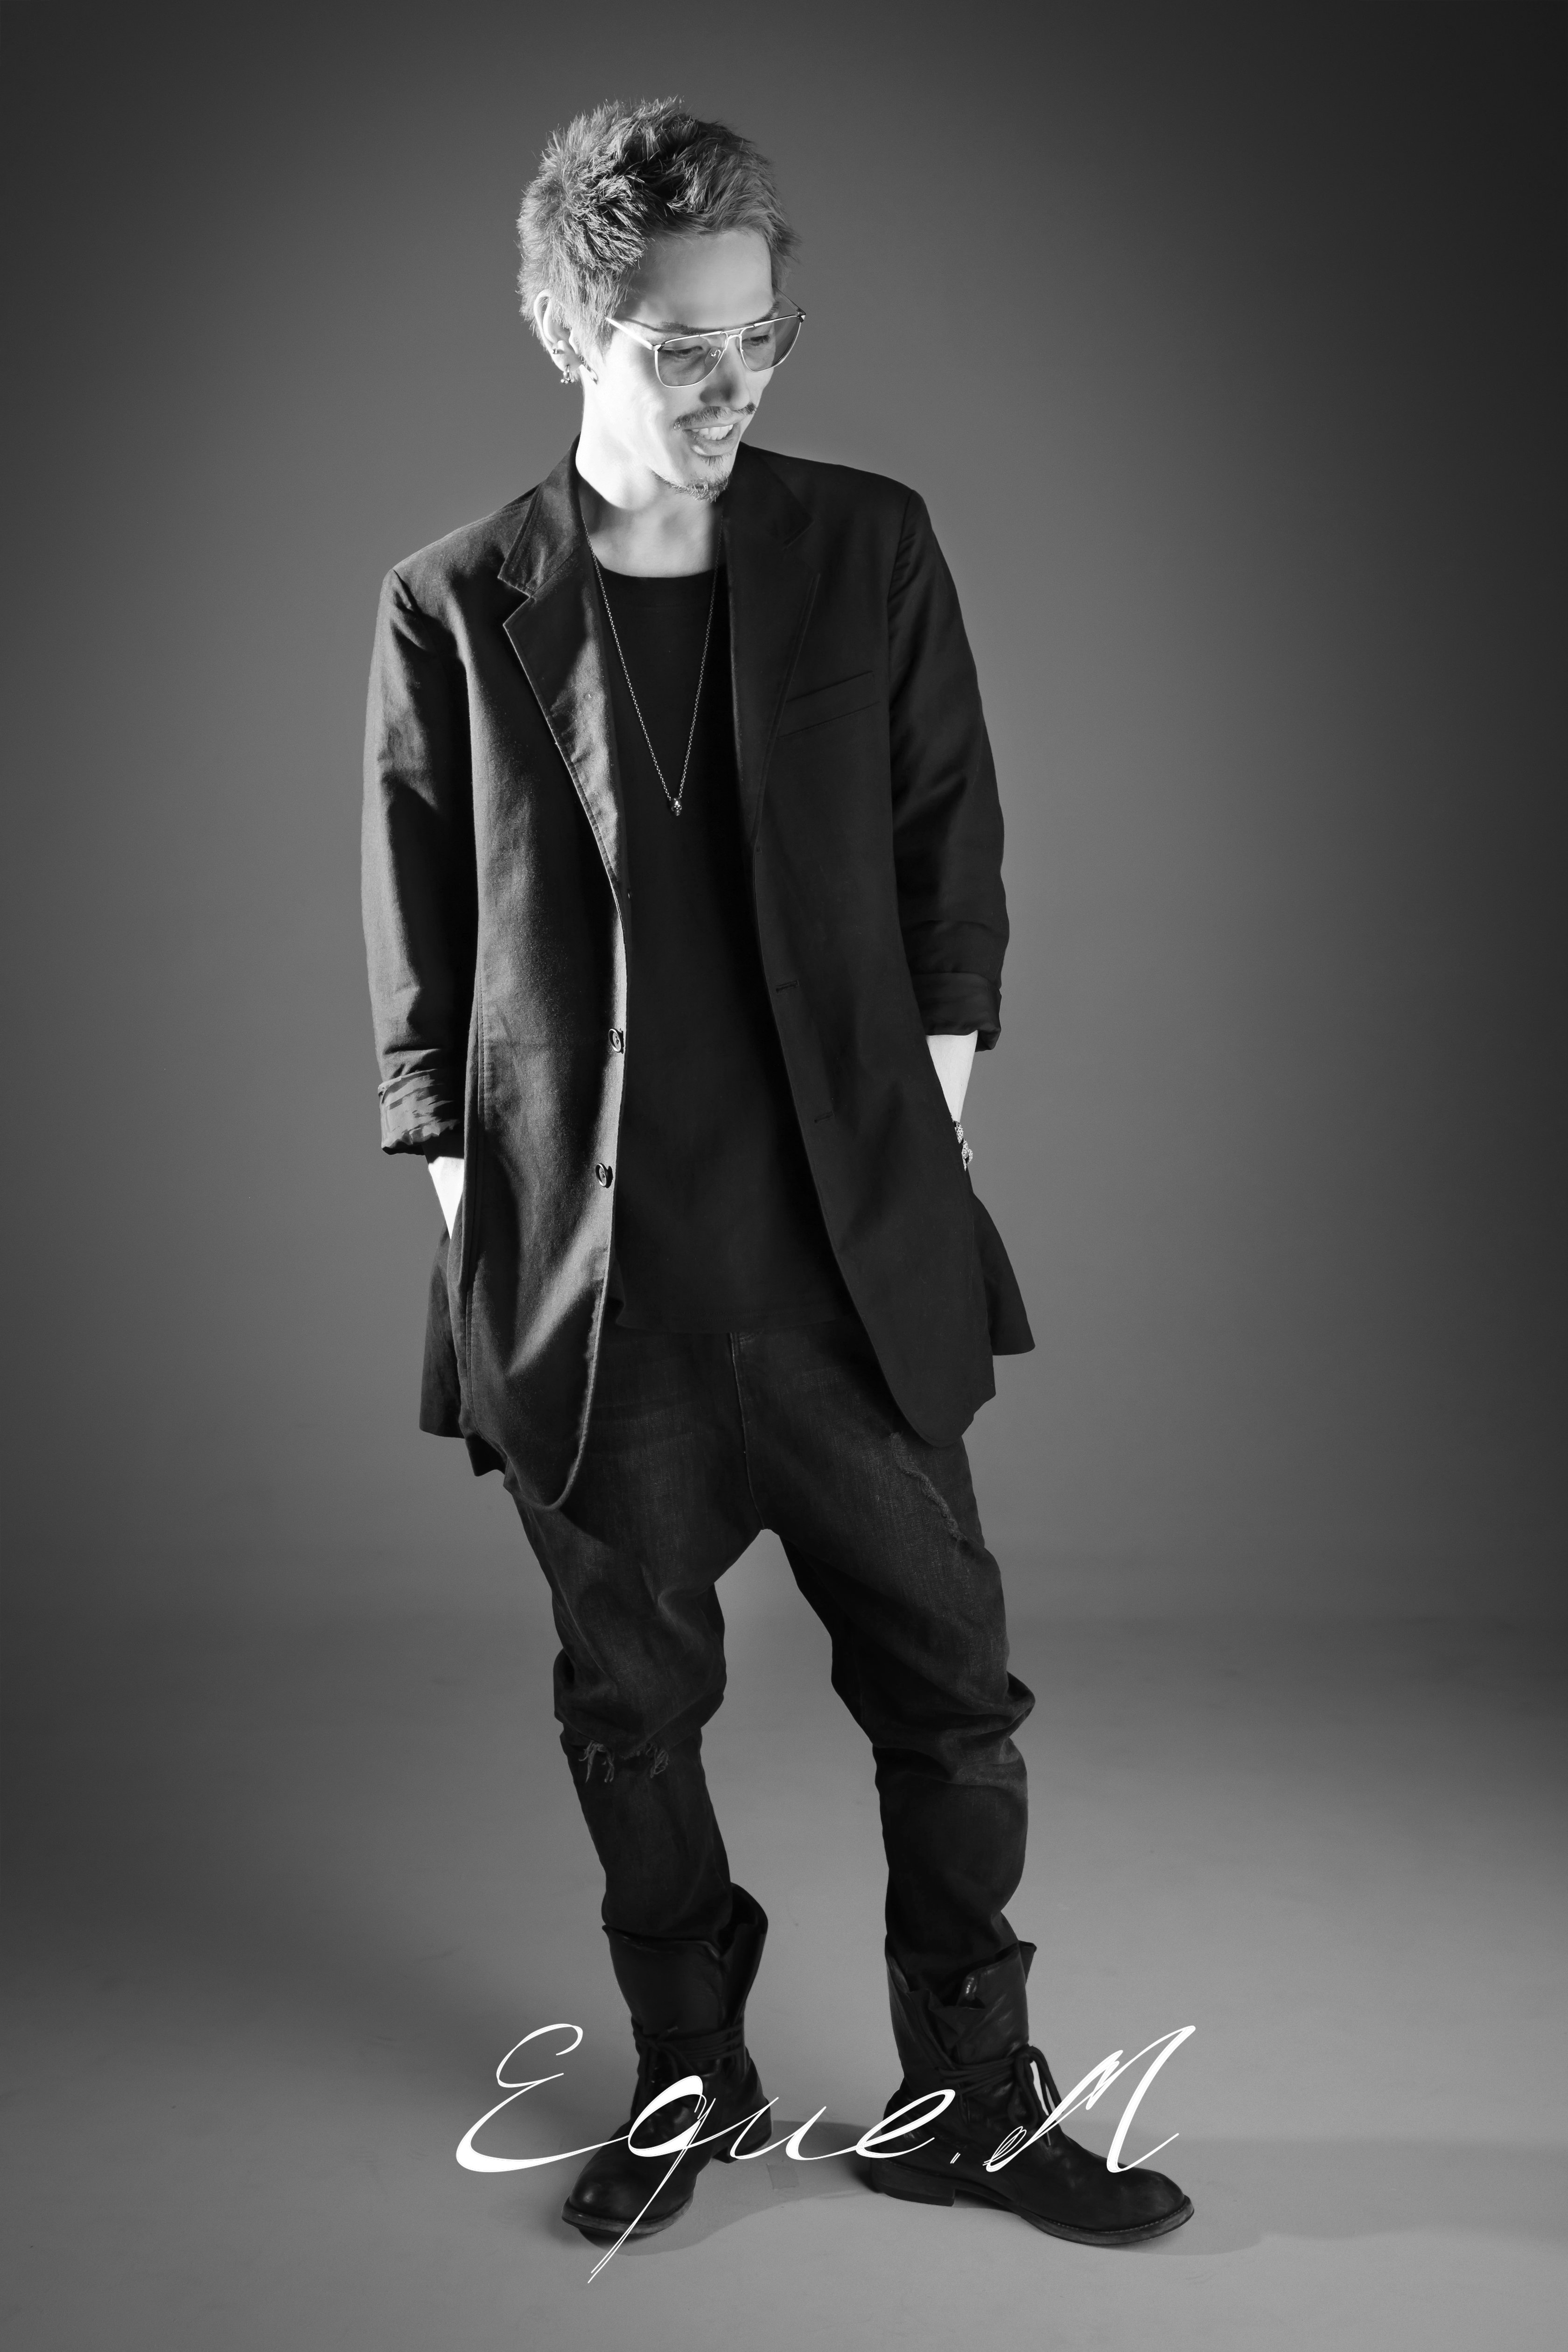 Schwarz-weiß Aufnahme von einem männlichen Model in schwarzer Kleidung und Händen in den Hosentaschen und Blick auf den Boden gesenkt.